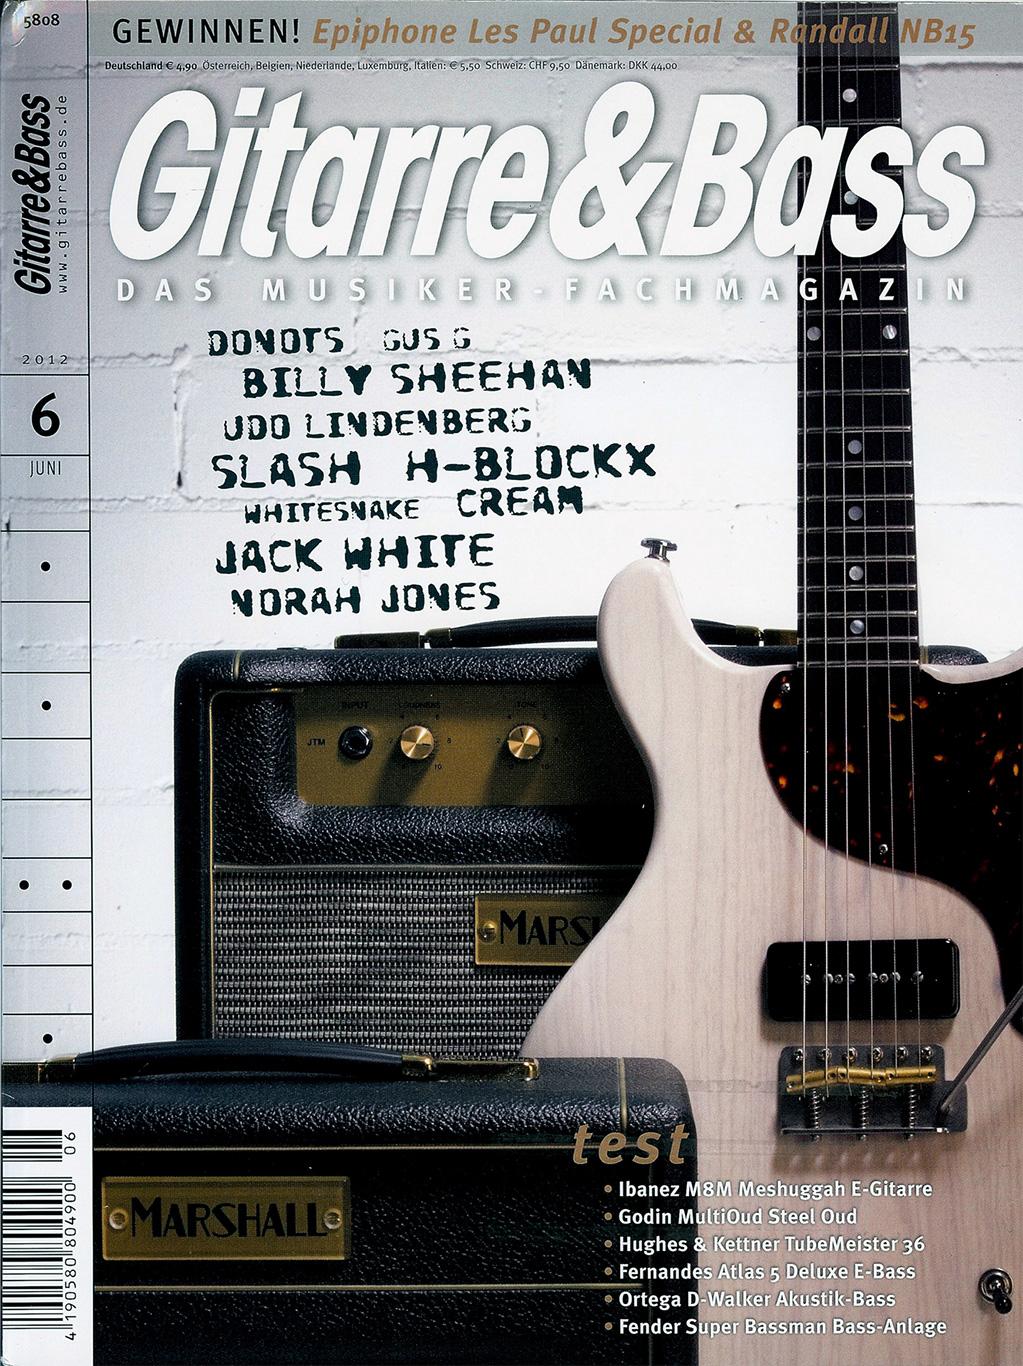 Gitarre&Bass Deimel Doublestar